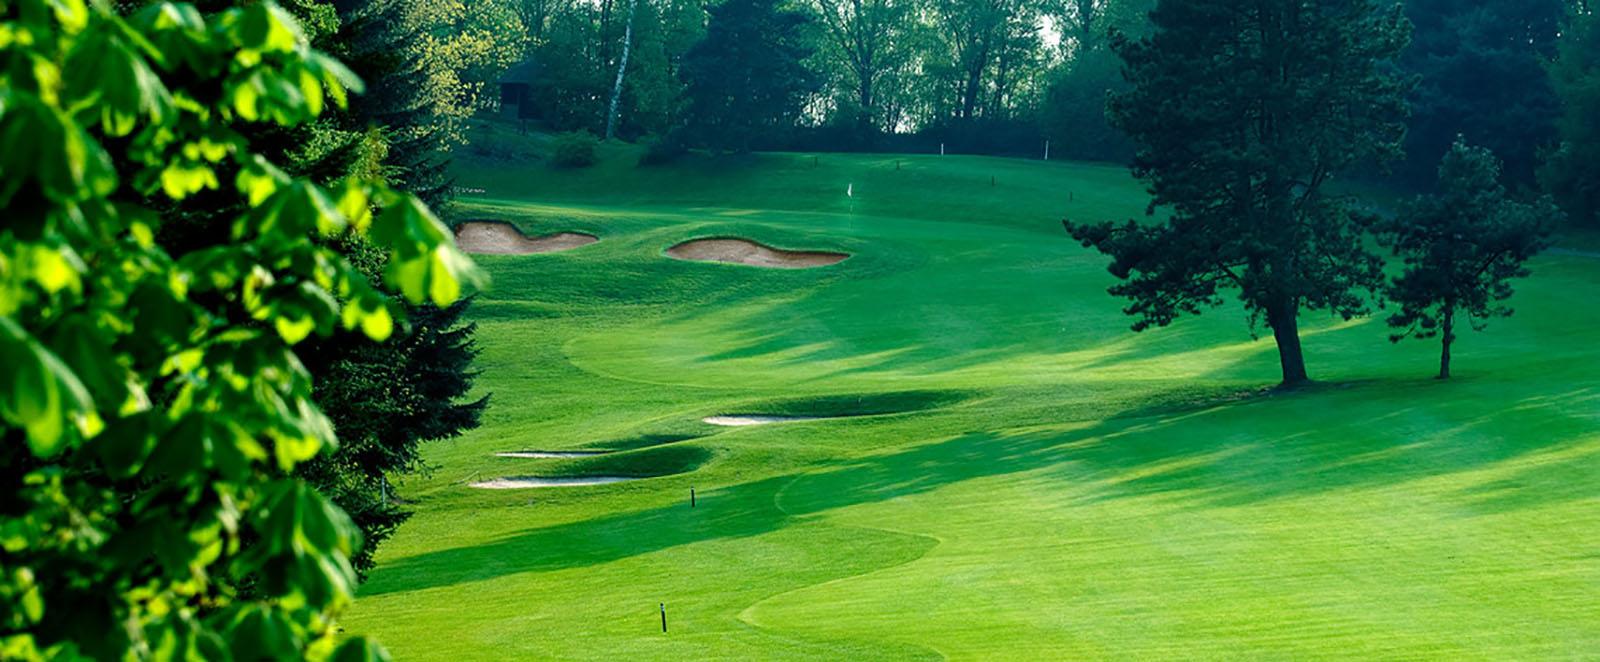 Duesseldorfer_Golf_Club_2